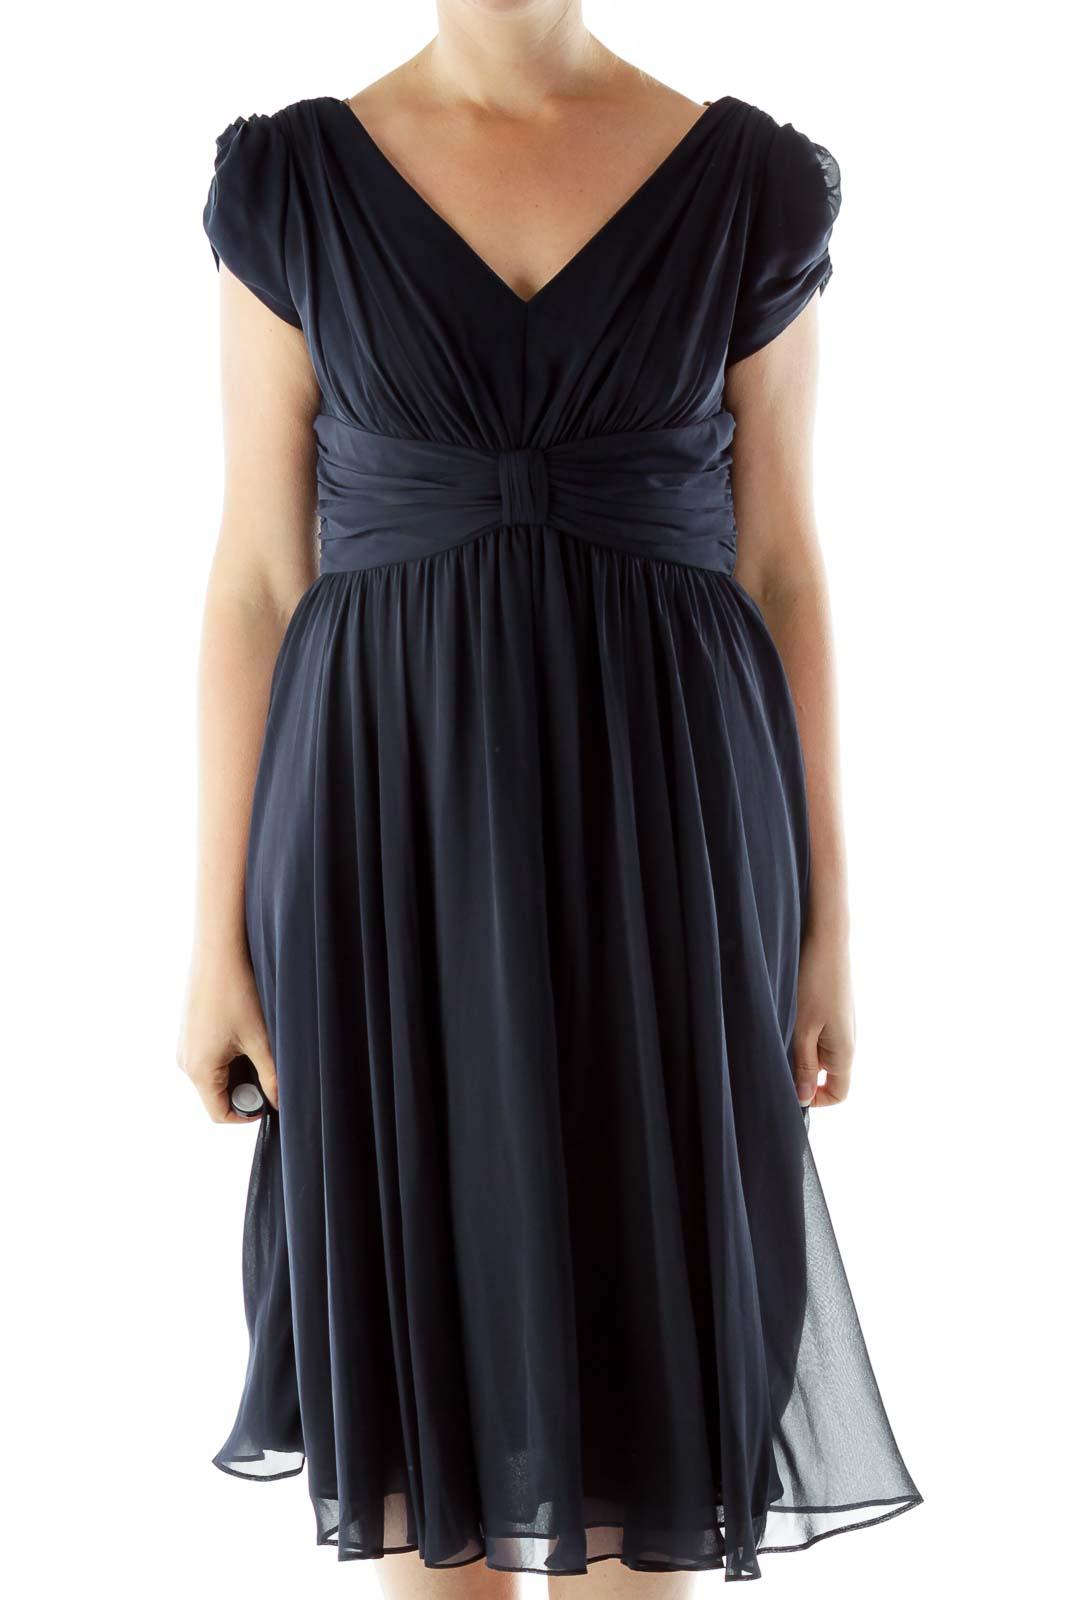 Navy Off-Shoulder Evening Dress Front